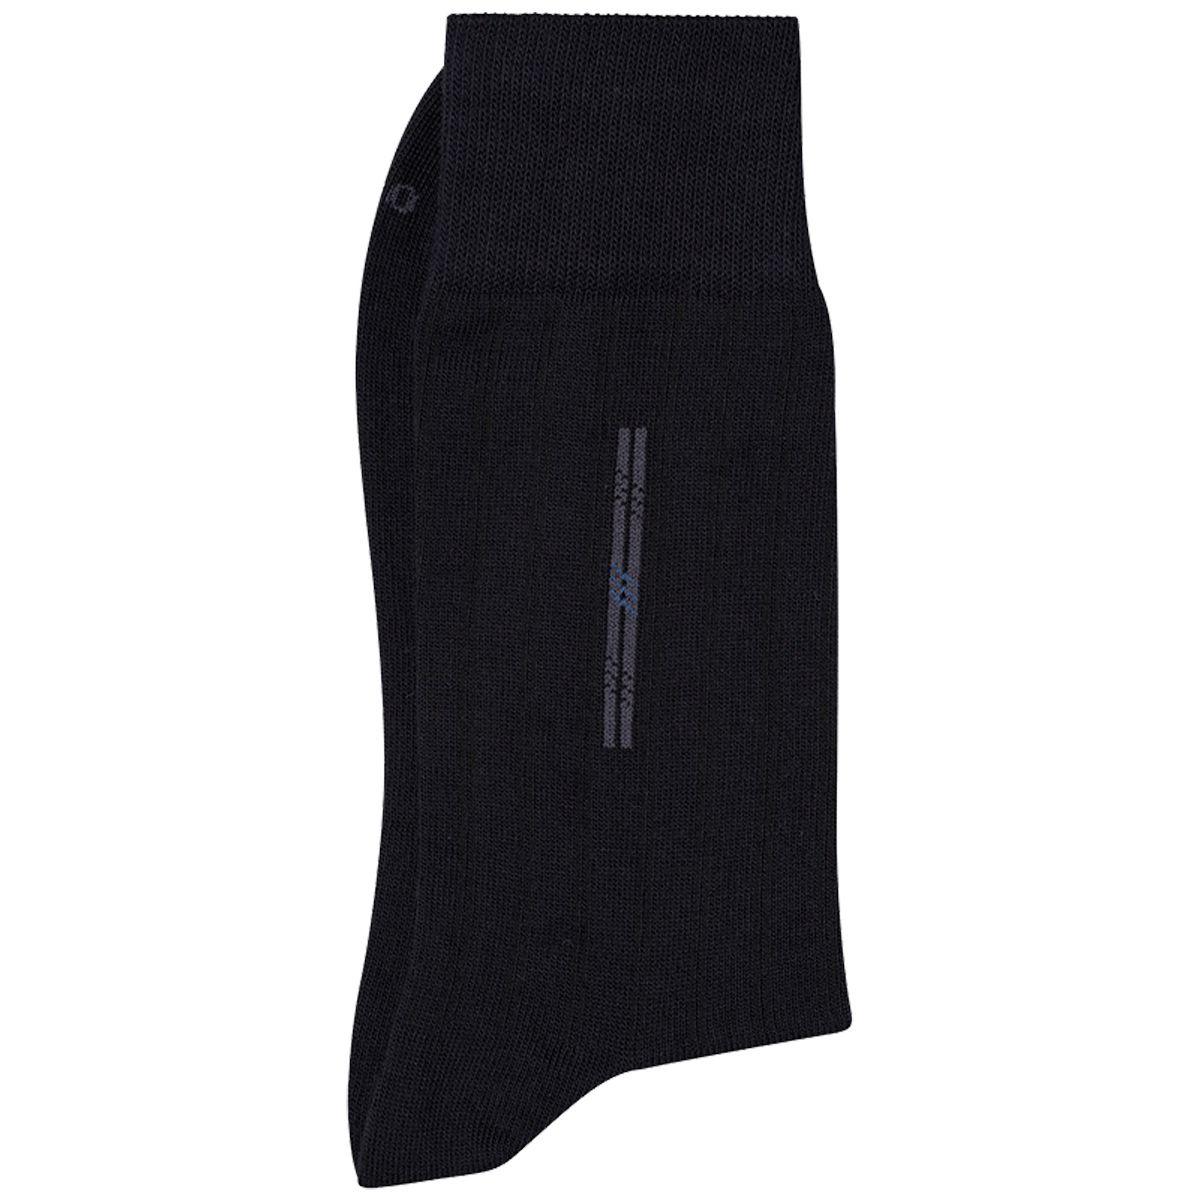 Meia Social Lupo Preta Casual Sportwear Algodão 01250